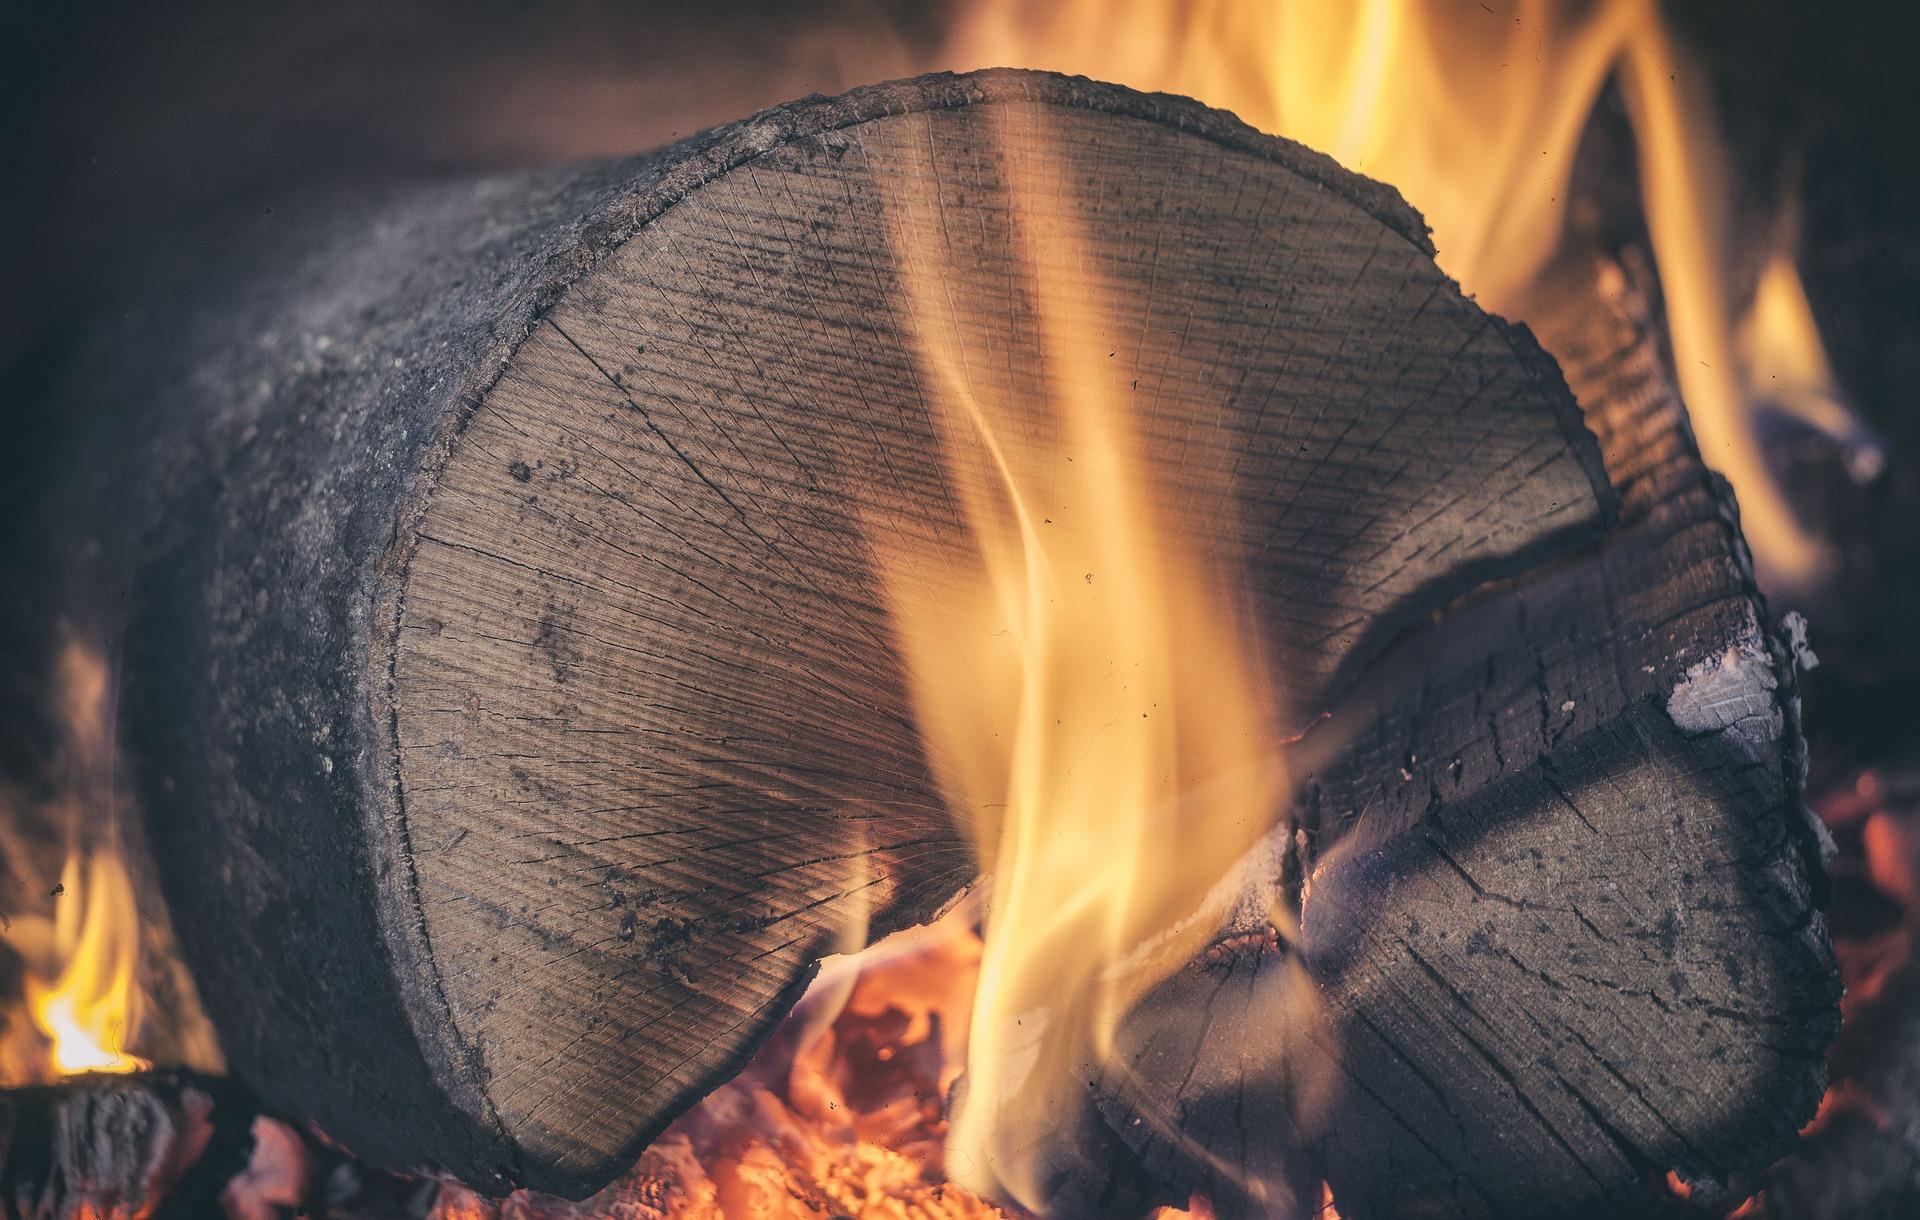 Jetzt Brennholz einlagern auf brennholz-24.de